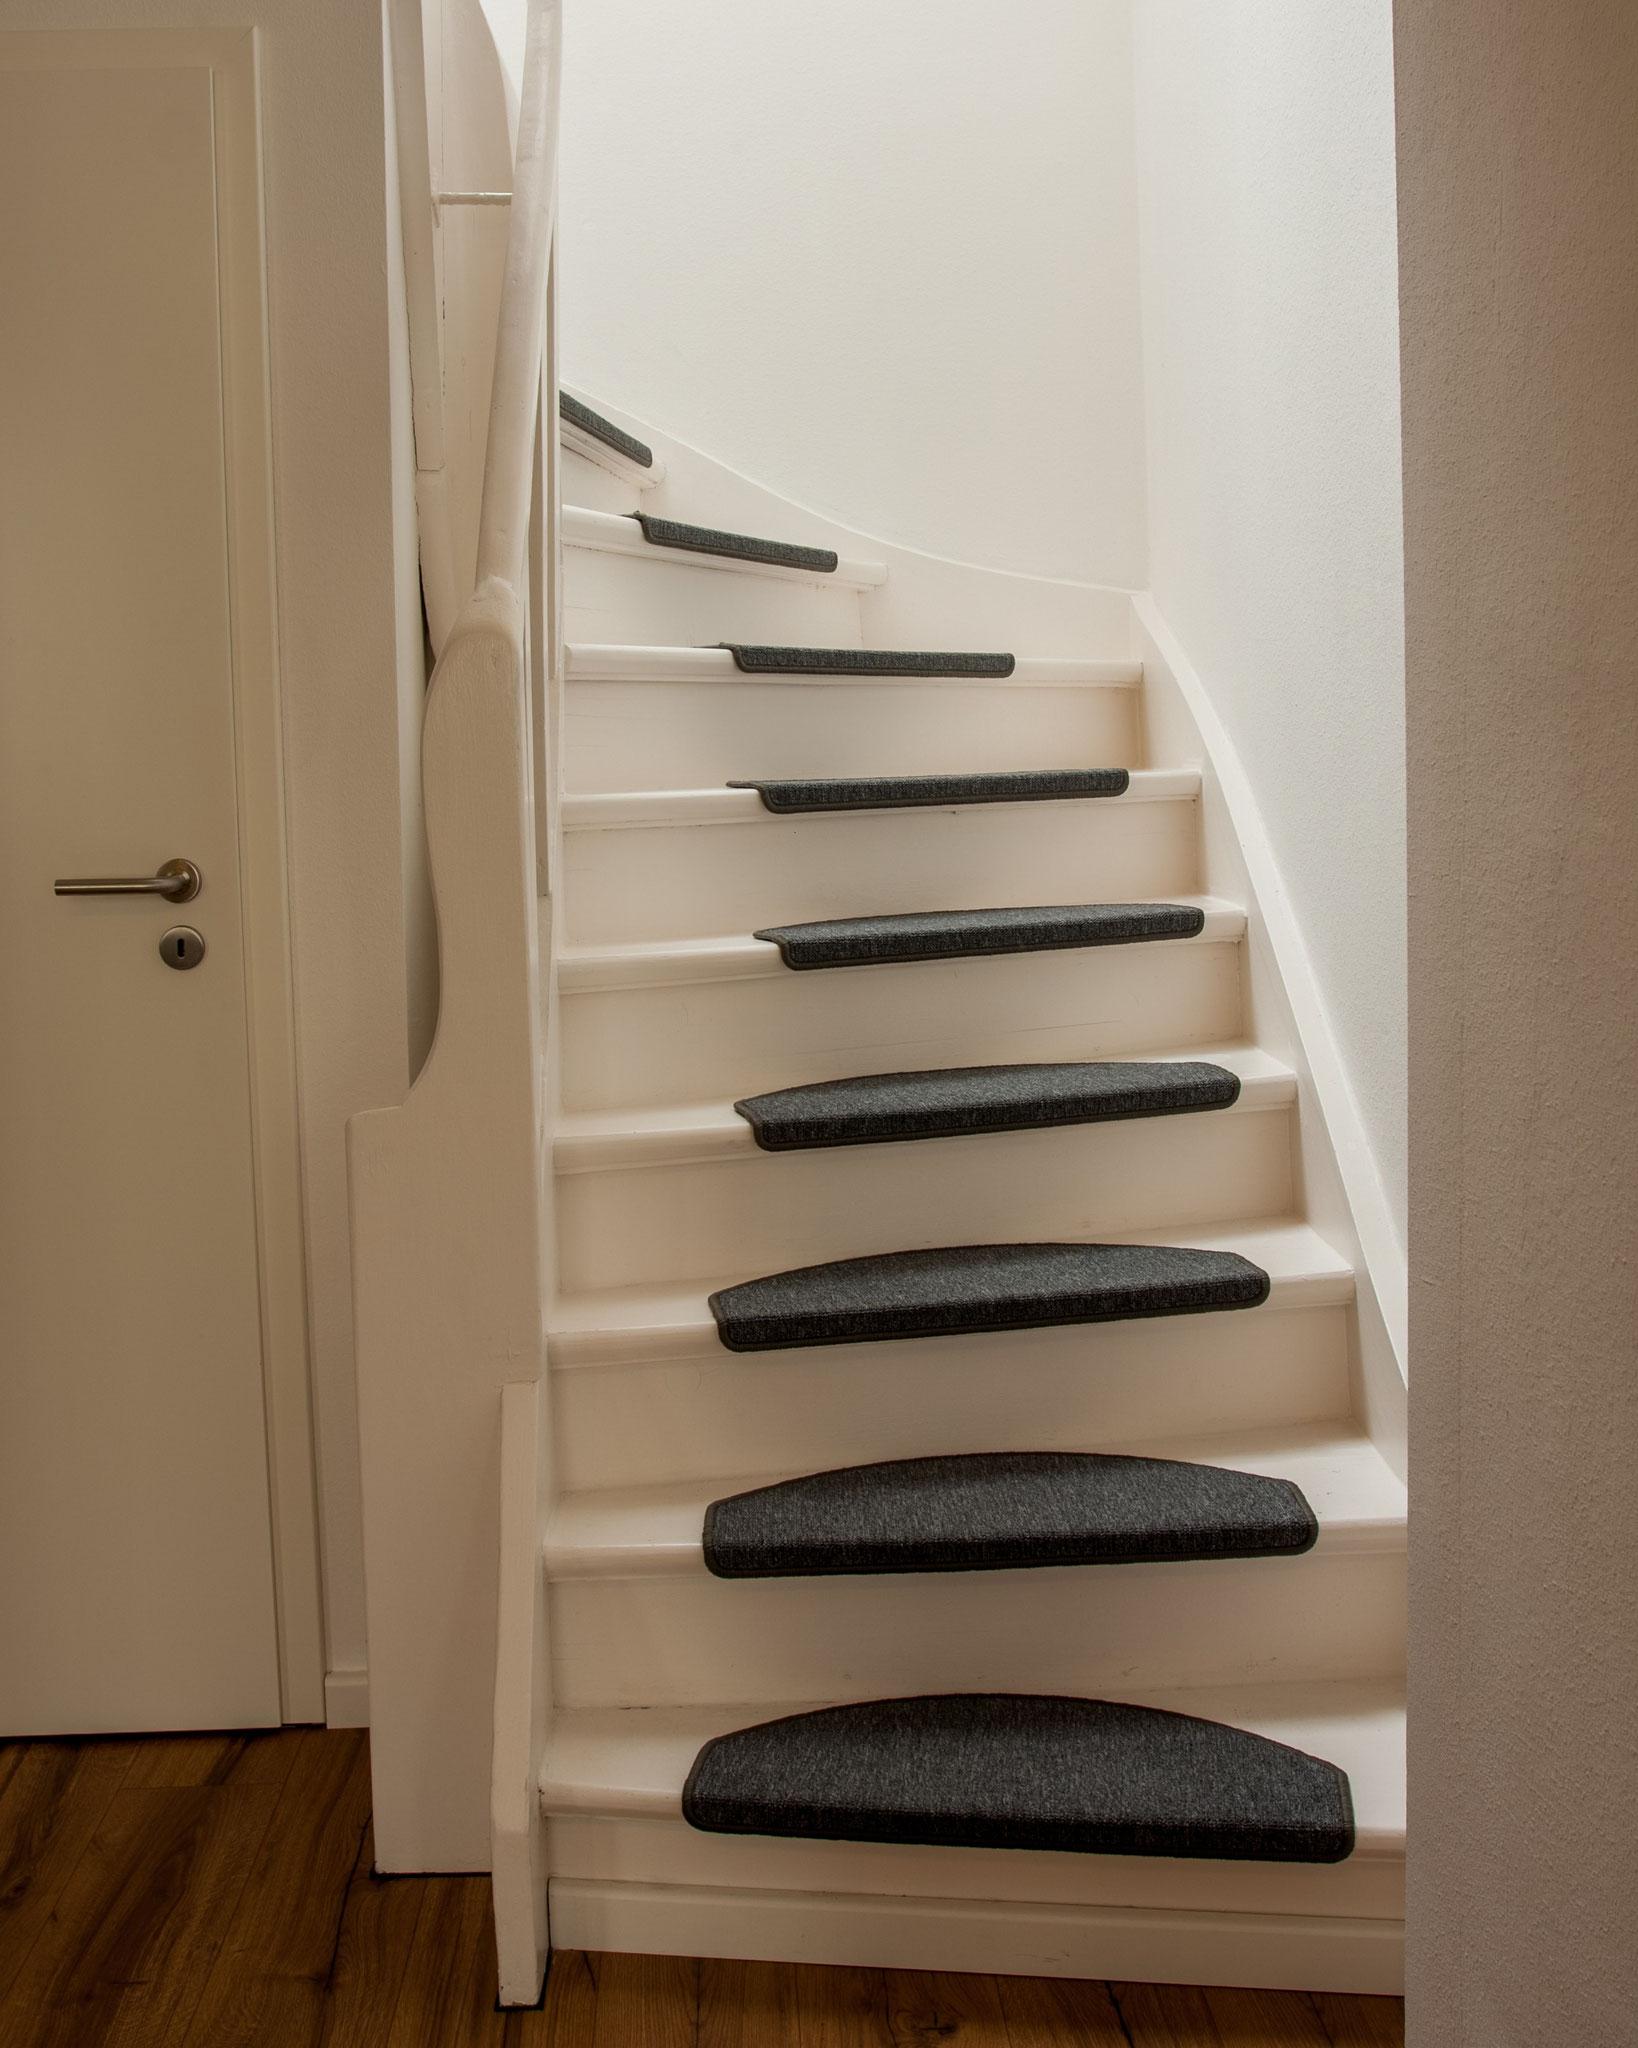 Ferienwohnung Schwerin - restaurierte Treppe ins Schlafzimmer